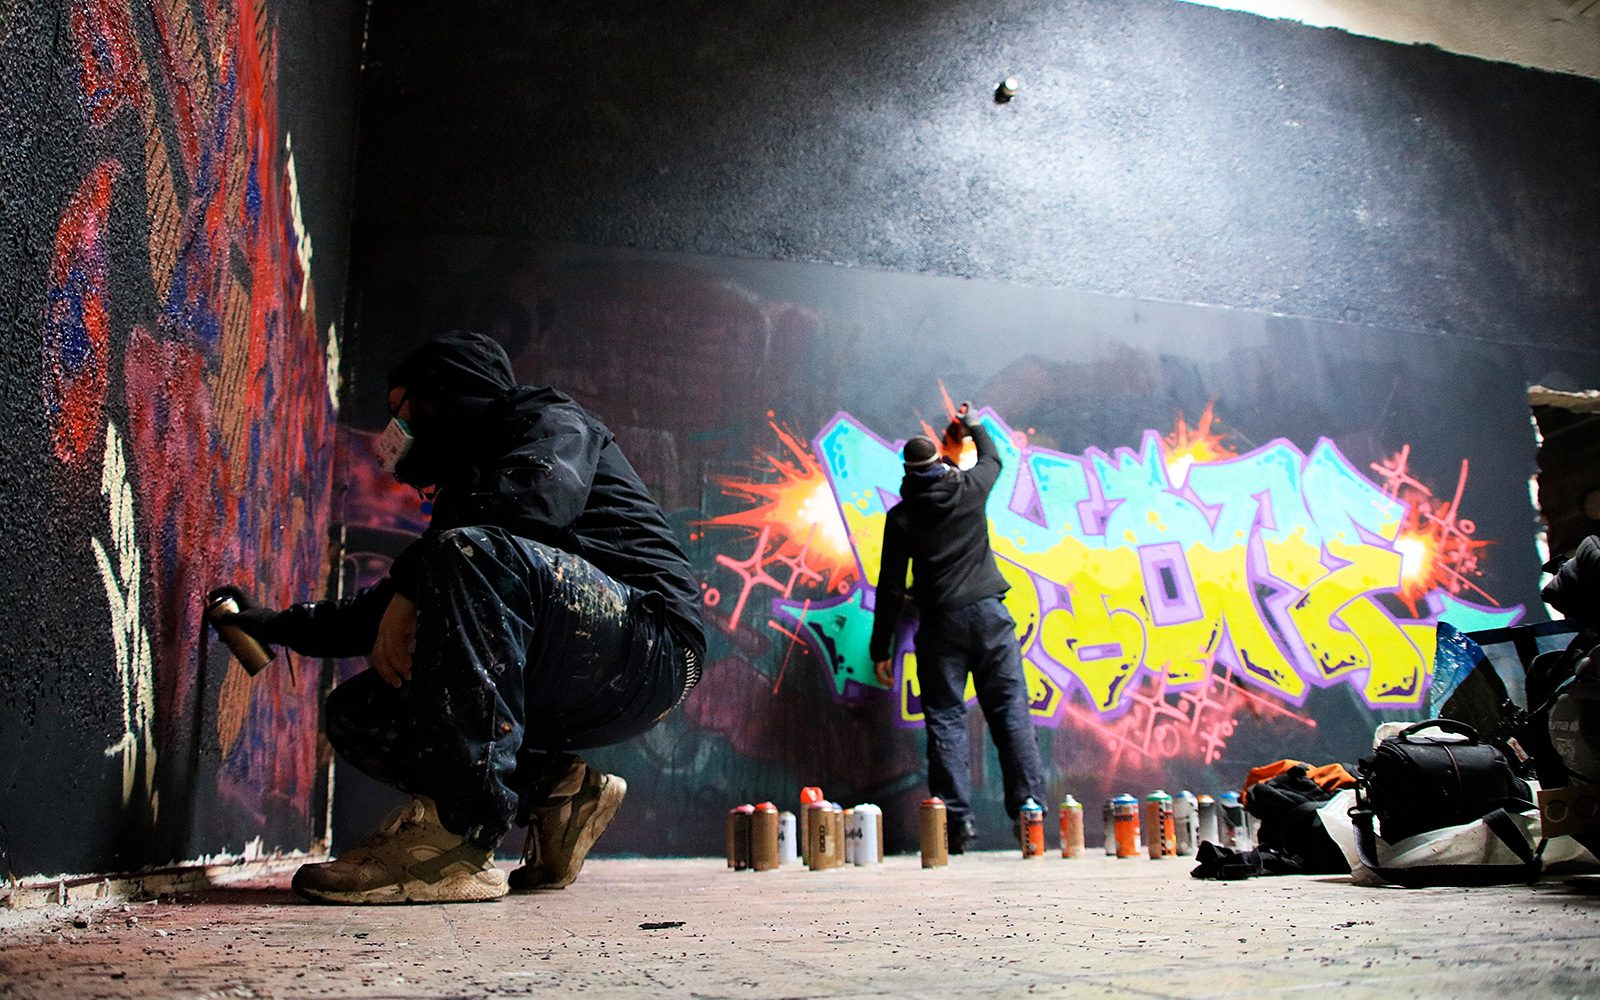 Jam Sauvage: Le Graffiti résiste... avec l'aide des Gilets Jaunes!